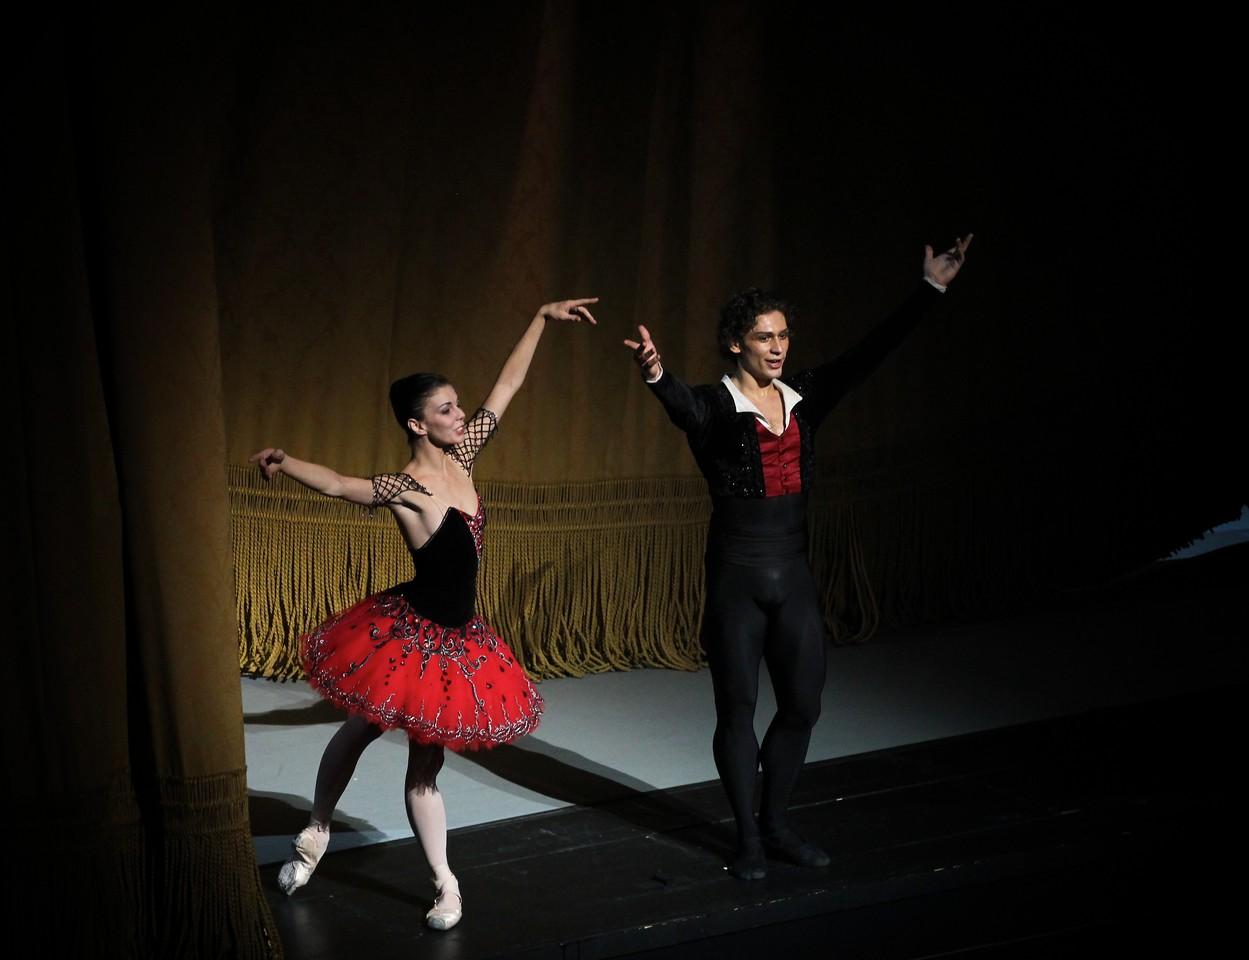 Natalia Osipova and Ivan Vasiliev, Don Quixote, November 20, 2014